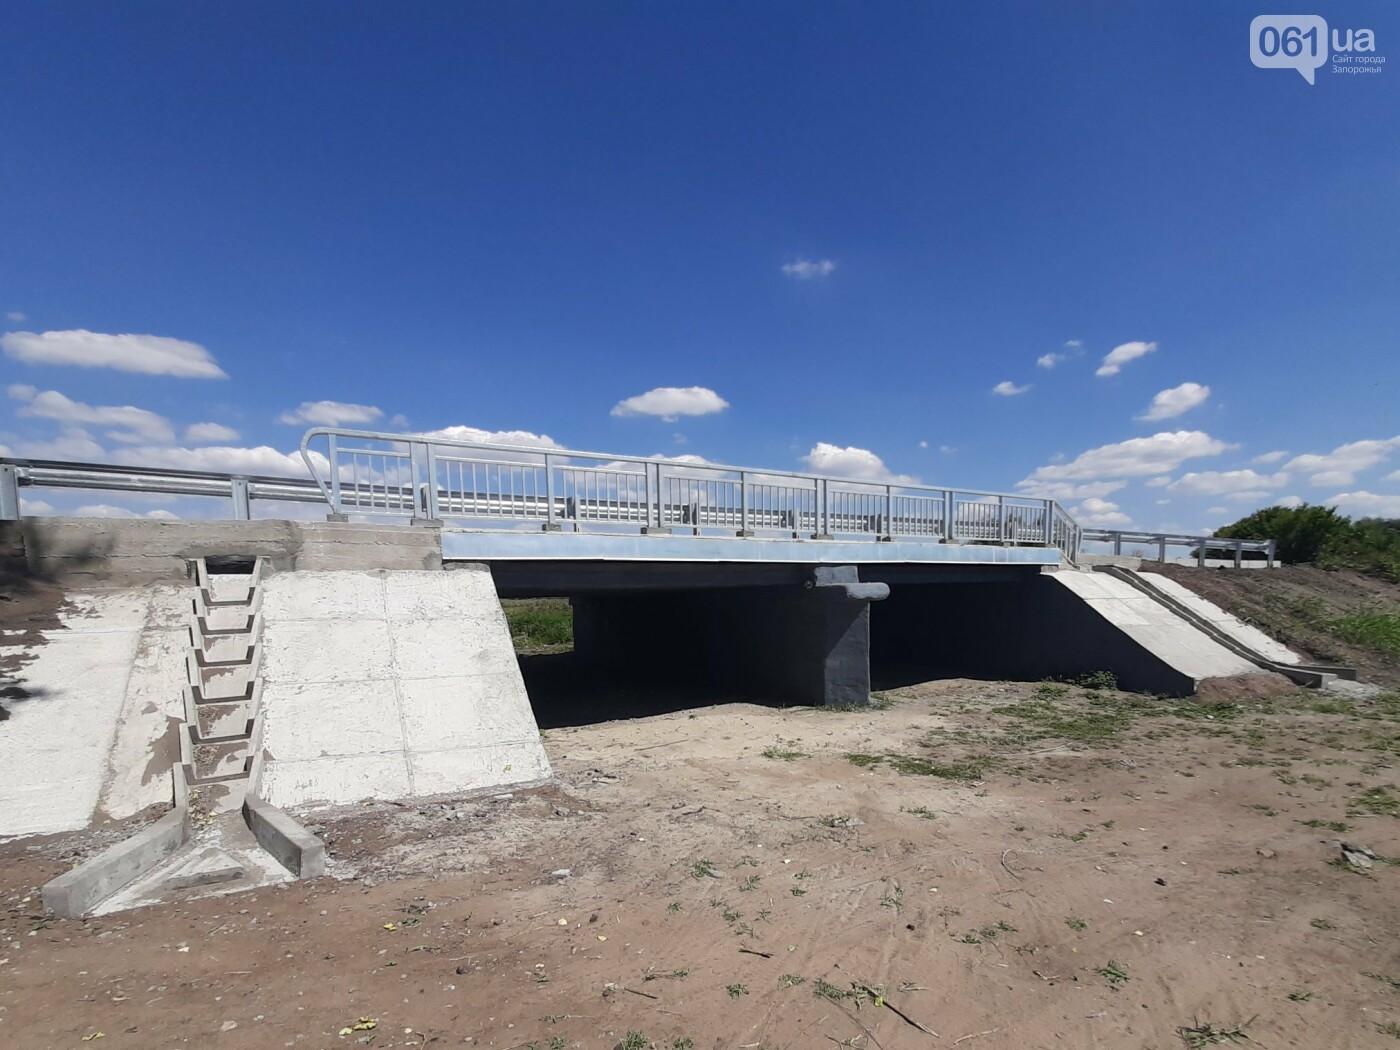 В Запорожской области на трассе Васильевка-Бердянск отремонтировали 12-метровый мост , фото-4